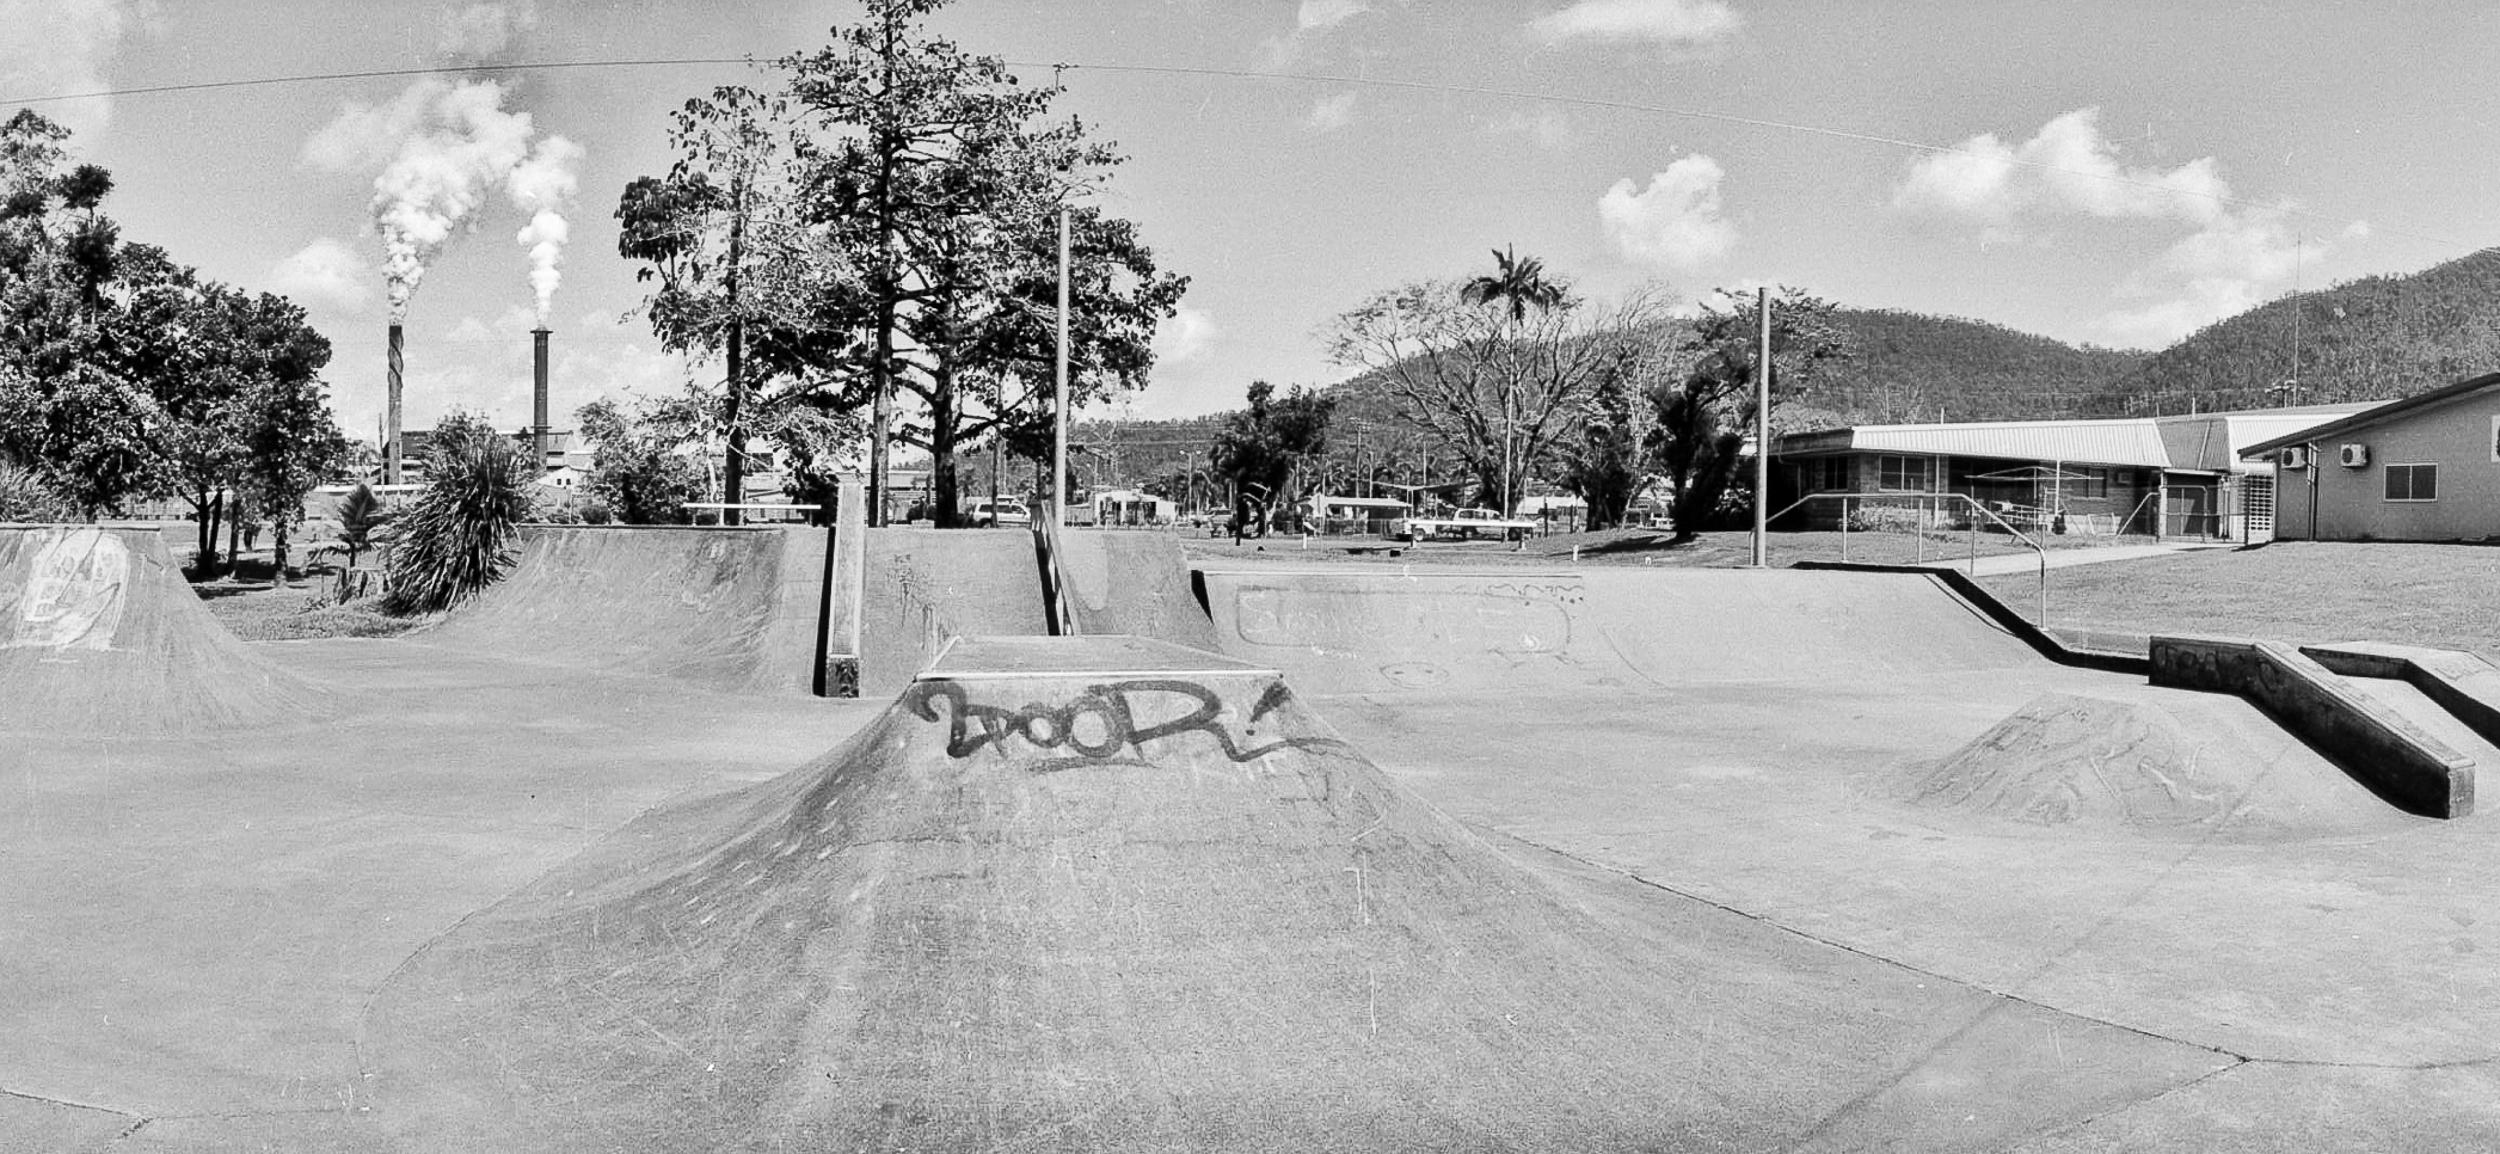 A empty skate park